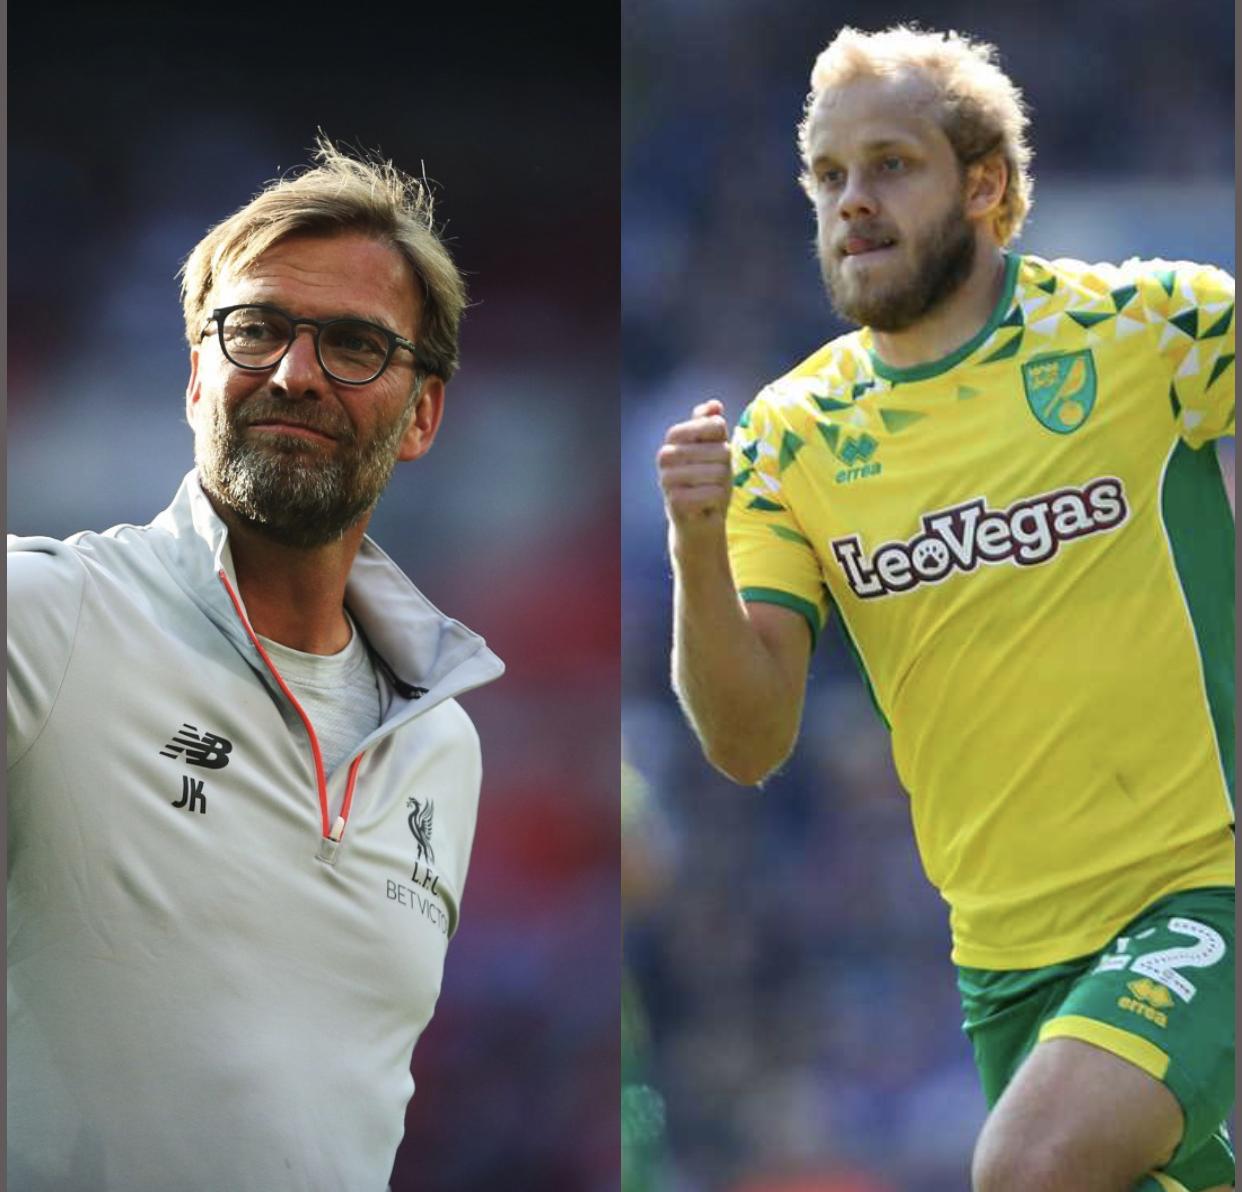 Premier League : Jurgen Klopp désigné manager du mois d'août, Teemu Pukki meilleur joueur